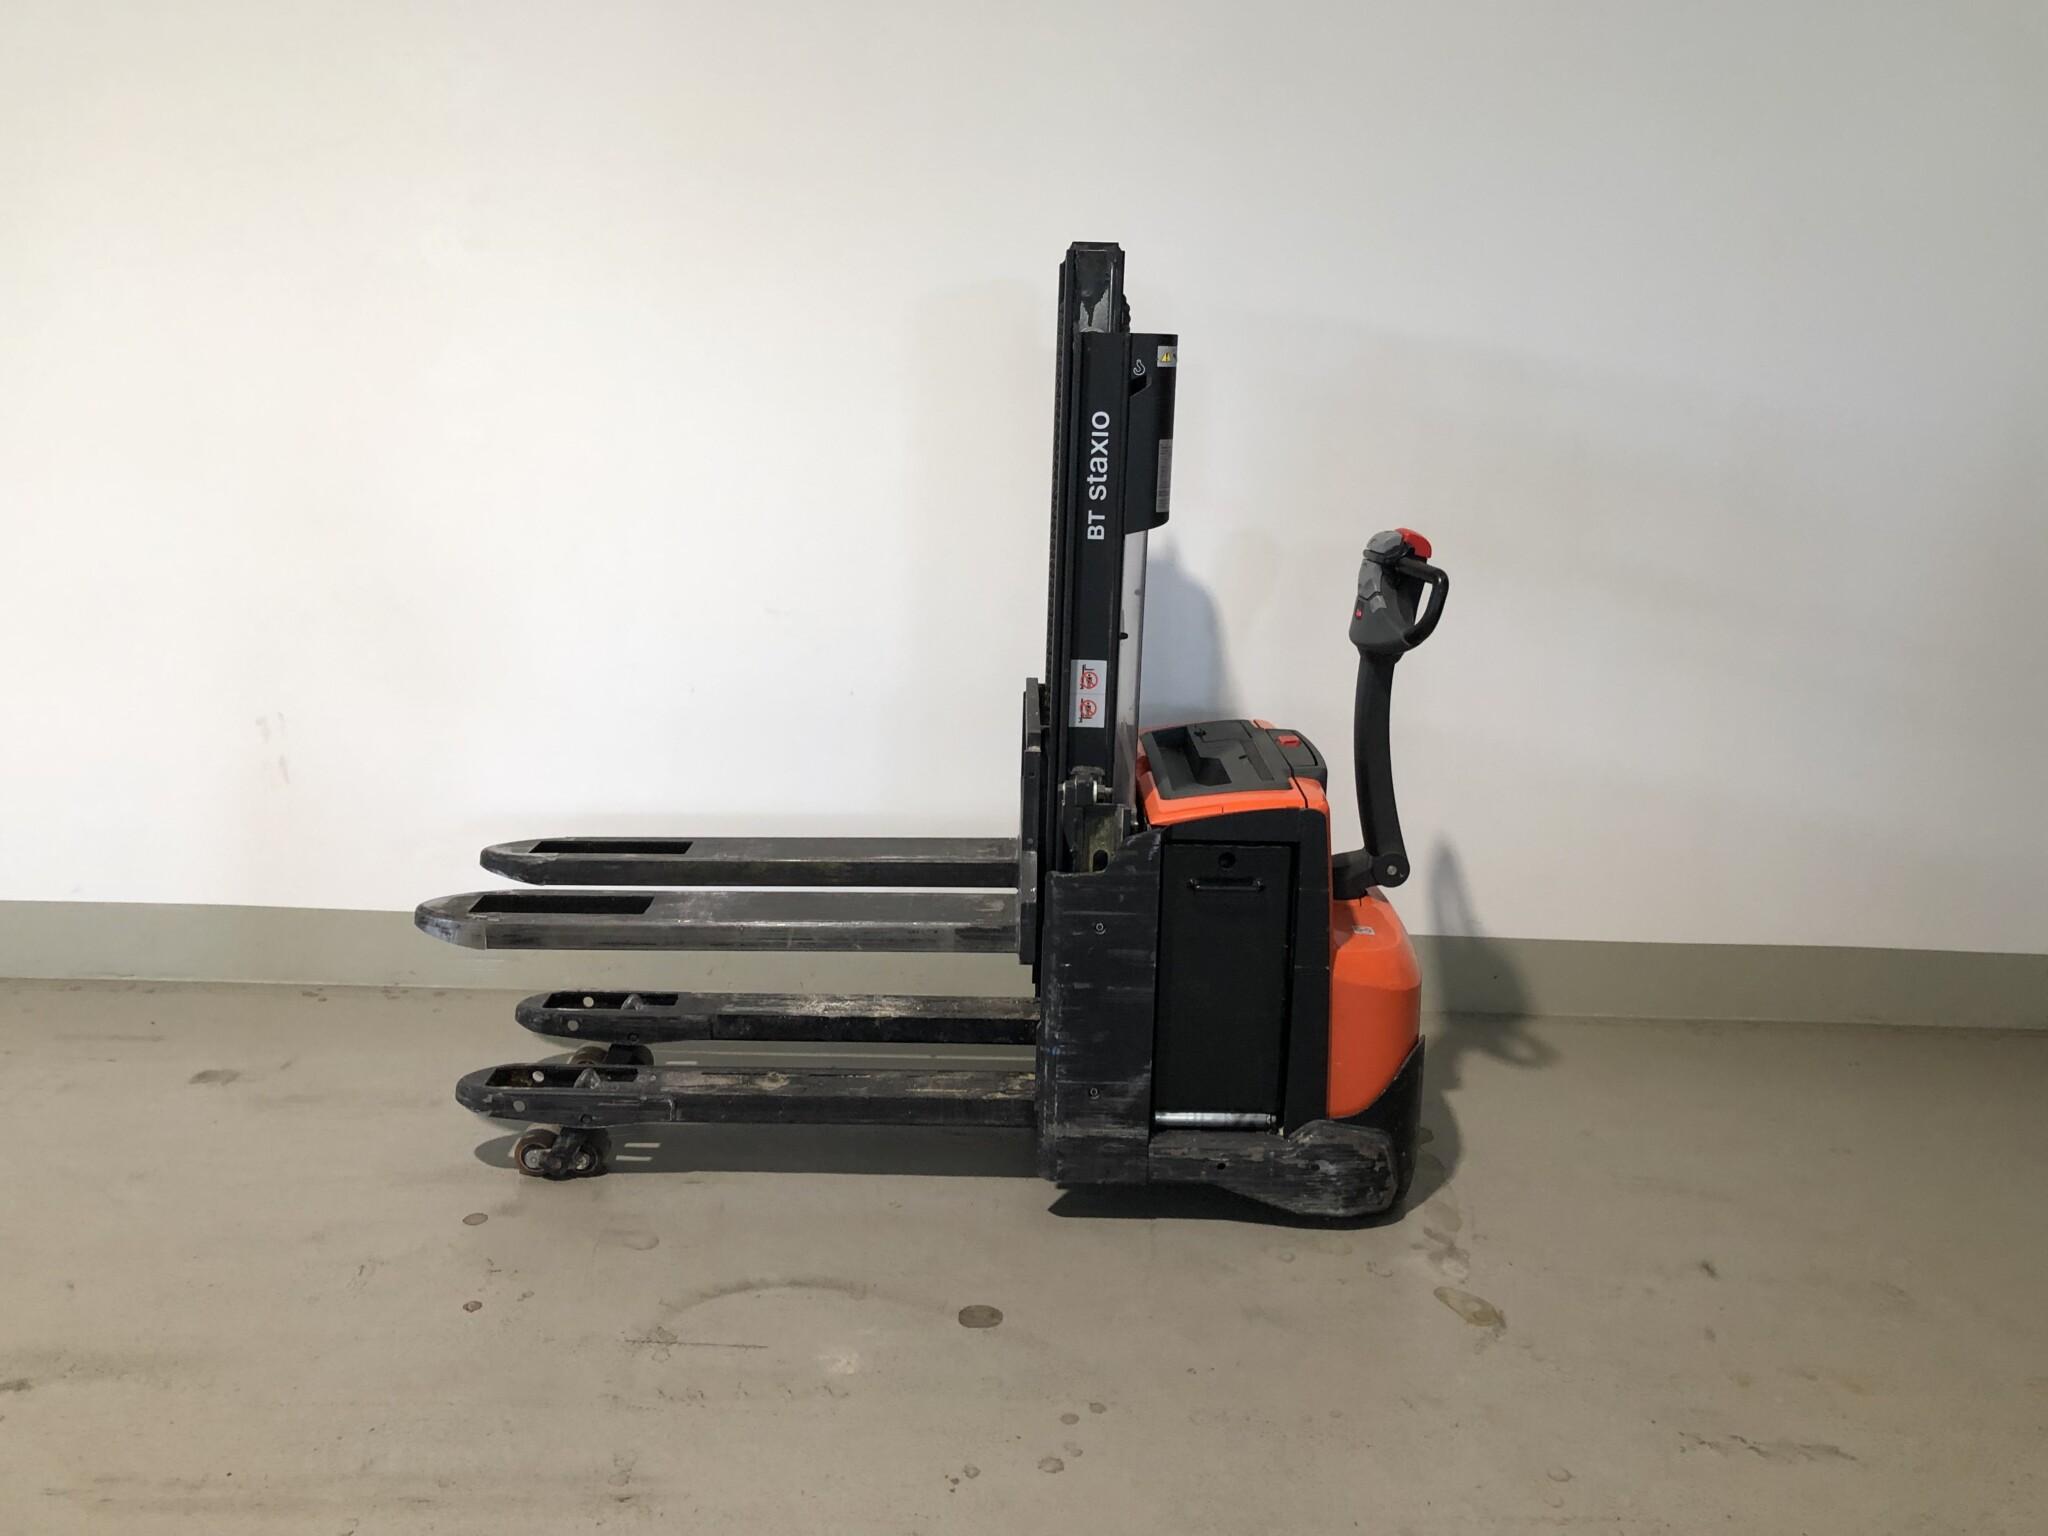 Toyota-Gabelstapler-59840 1509032882 1 scaled